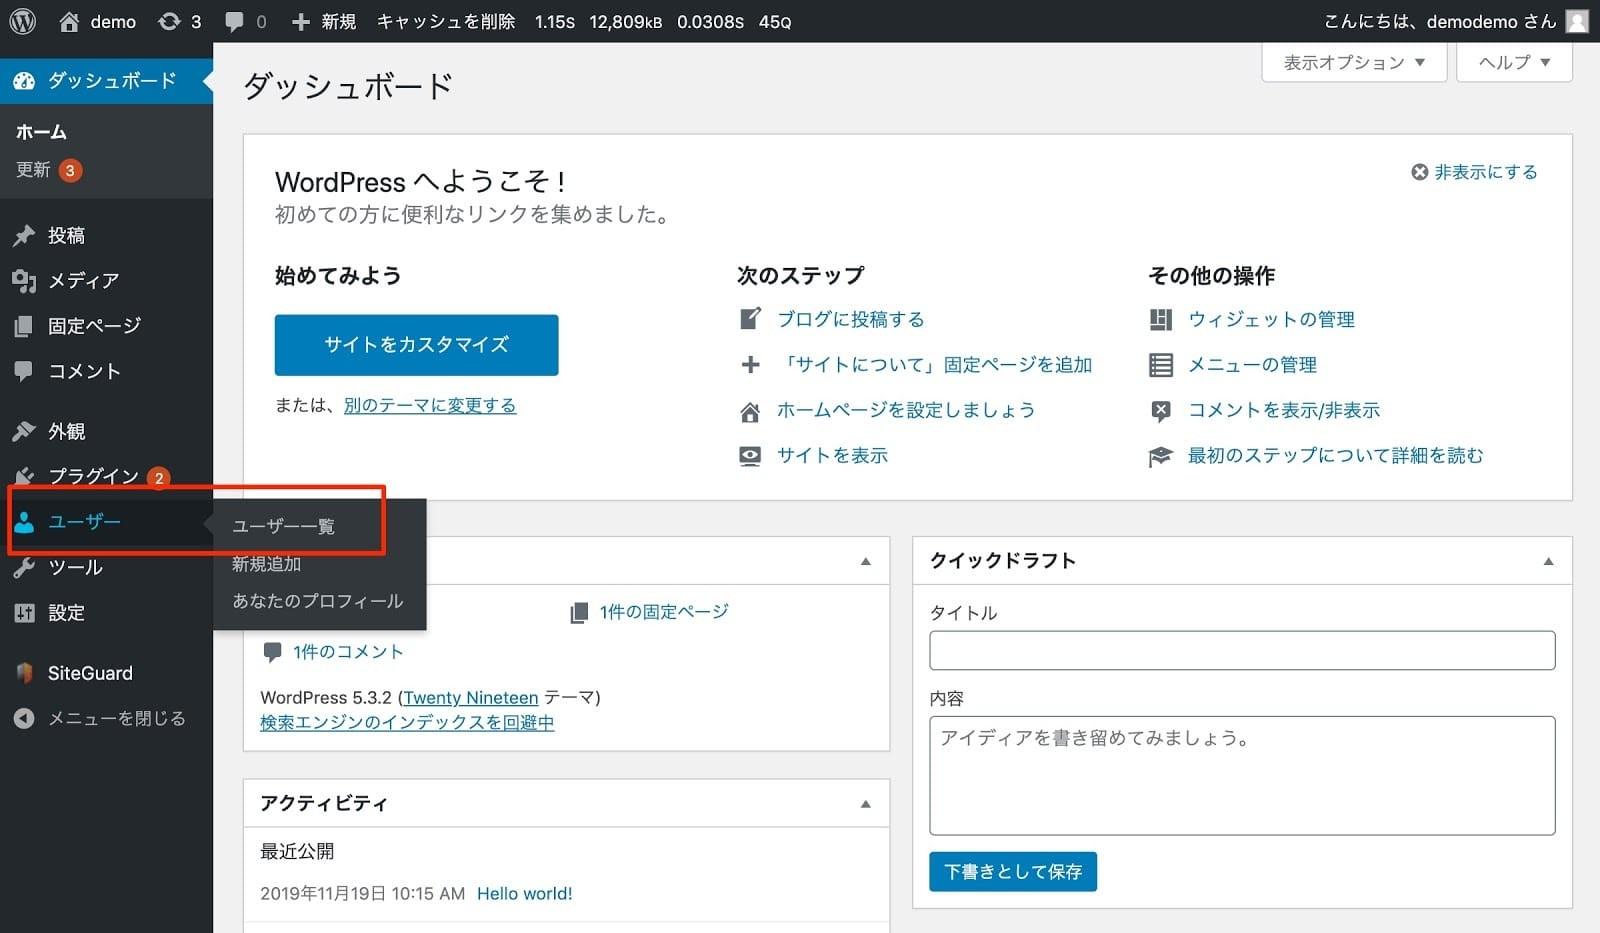 管理画面のユーザー名、パスワードの強化_2